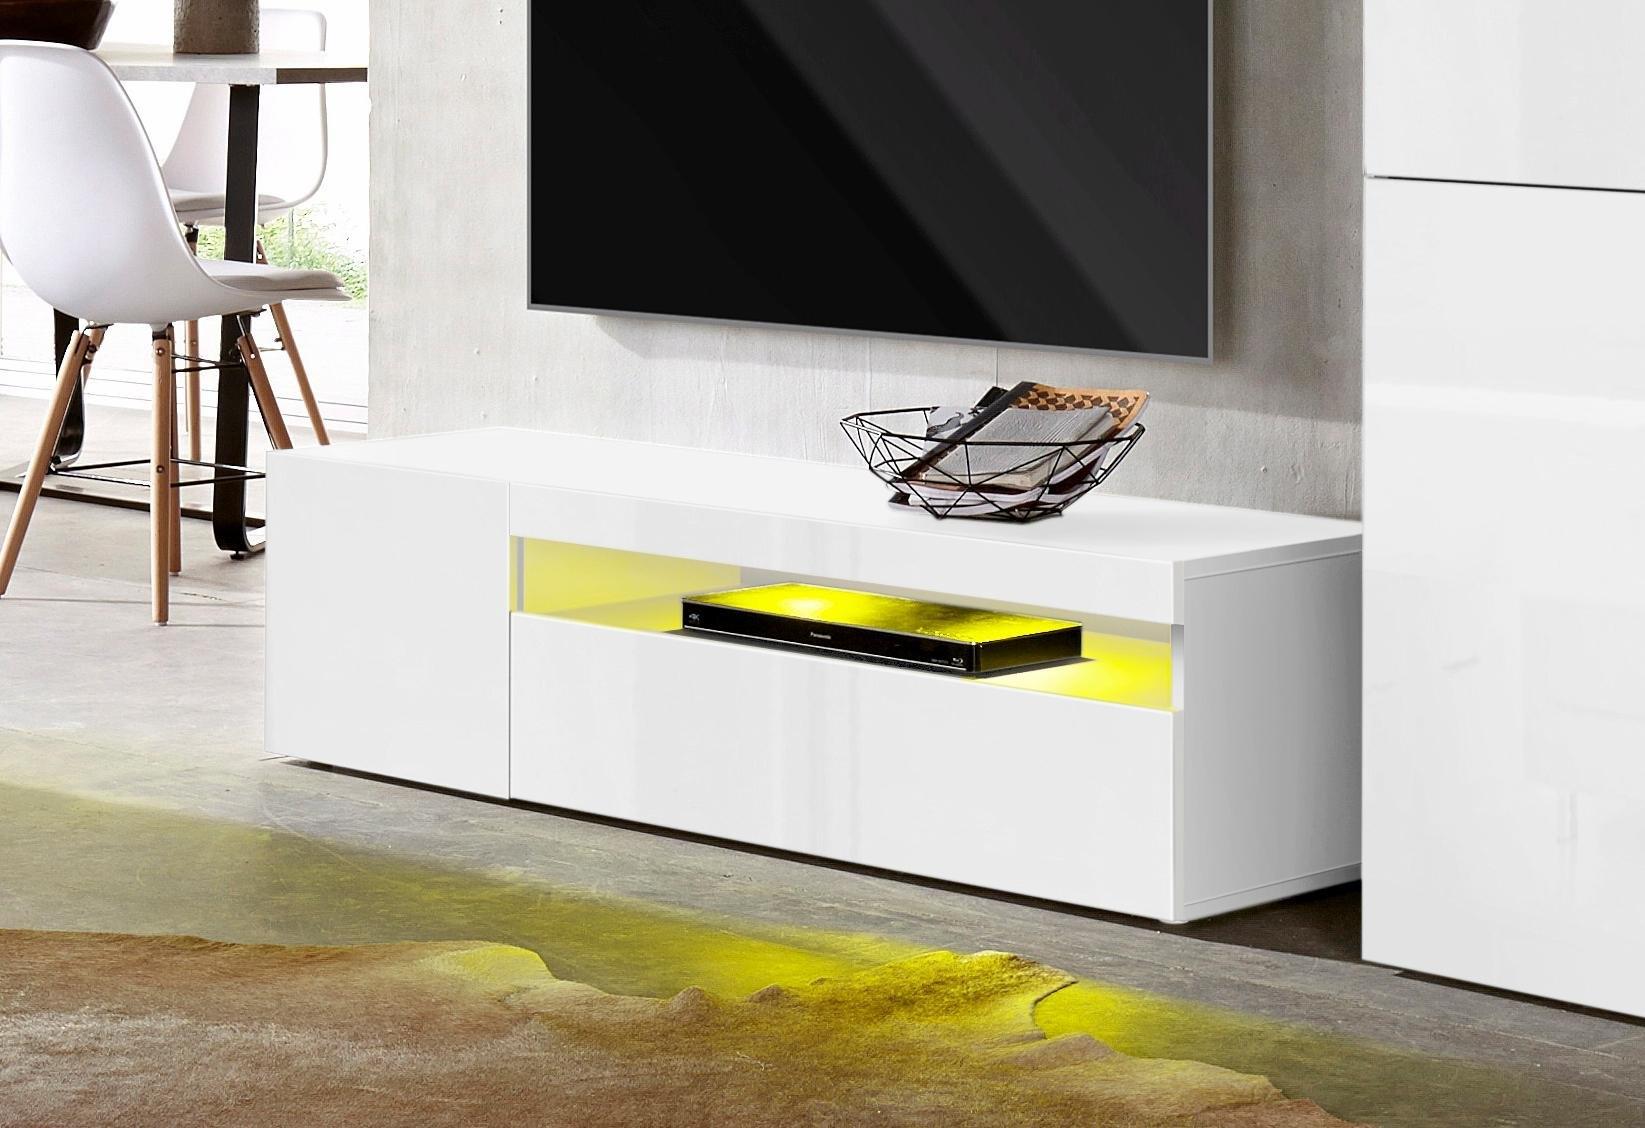 Tecnos tv-meubel Breedte 130 cm, zonder verlichting bestellen: 30 dagen bedenktijd